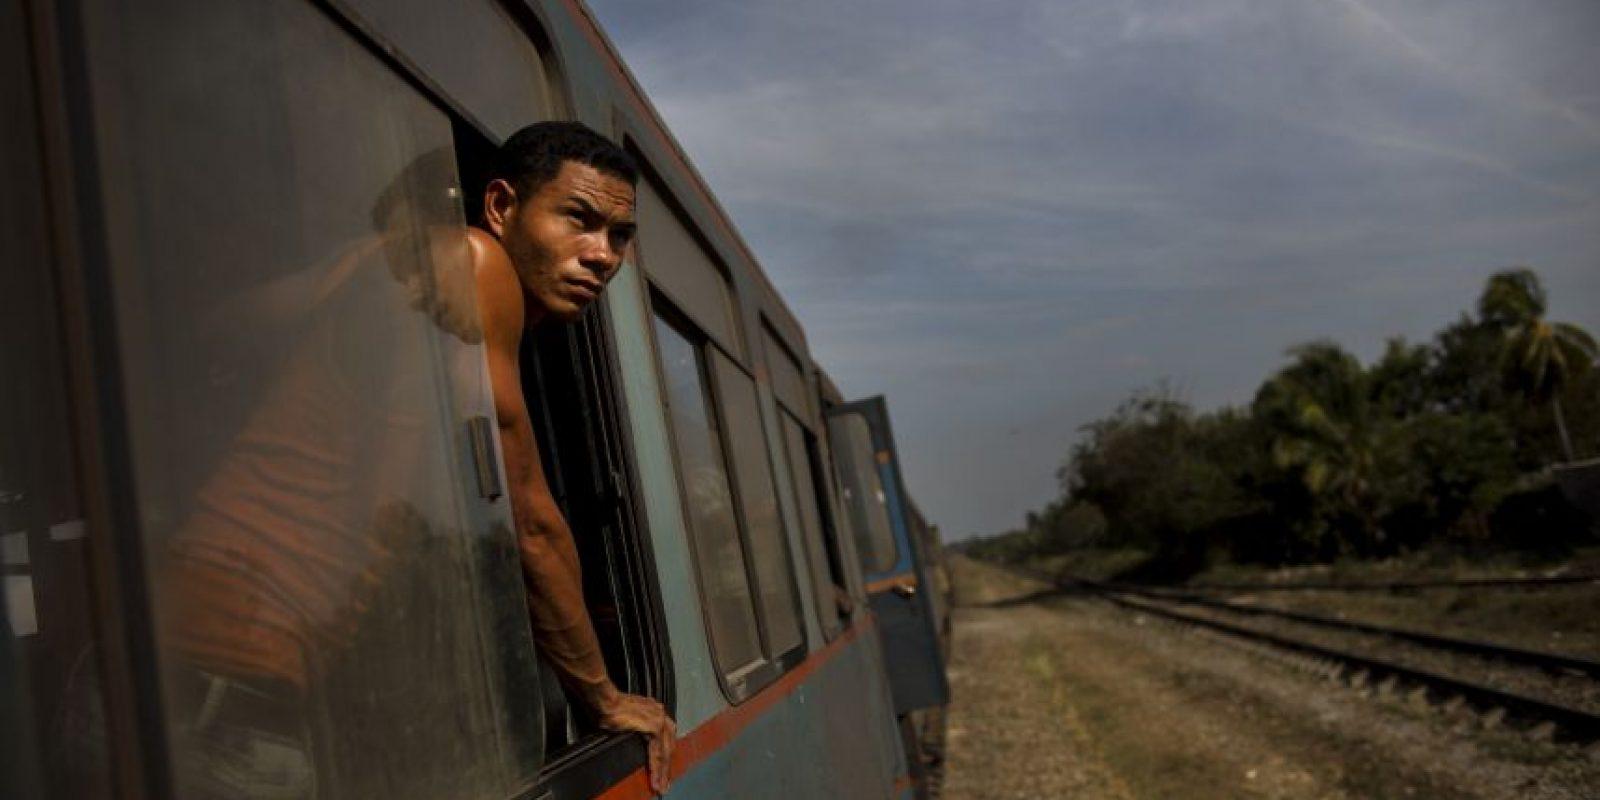 En esta fotografía del 23 de marzo de 2015, un pasajero de un tren se asoma por una ventana para ver la campiña entre Ciego de Ávila y Santa Clara, Cuba. Aunque la isla está modernizando lentamente su sistema ferroviario, sigue siendo la forma más lenta de desplazarse en Cuba, que ya de por sí se mueve lentamente. Foto:AP Photo/ Ramón Espionsa